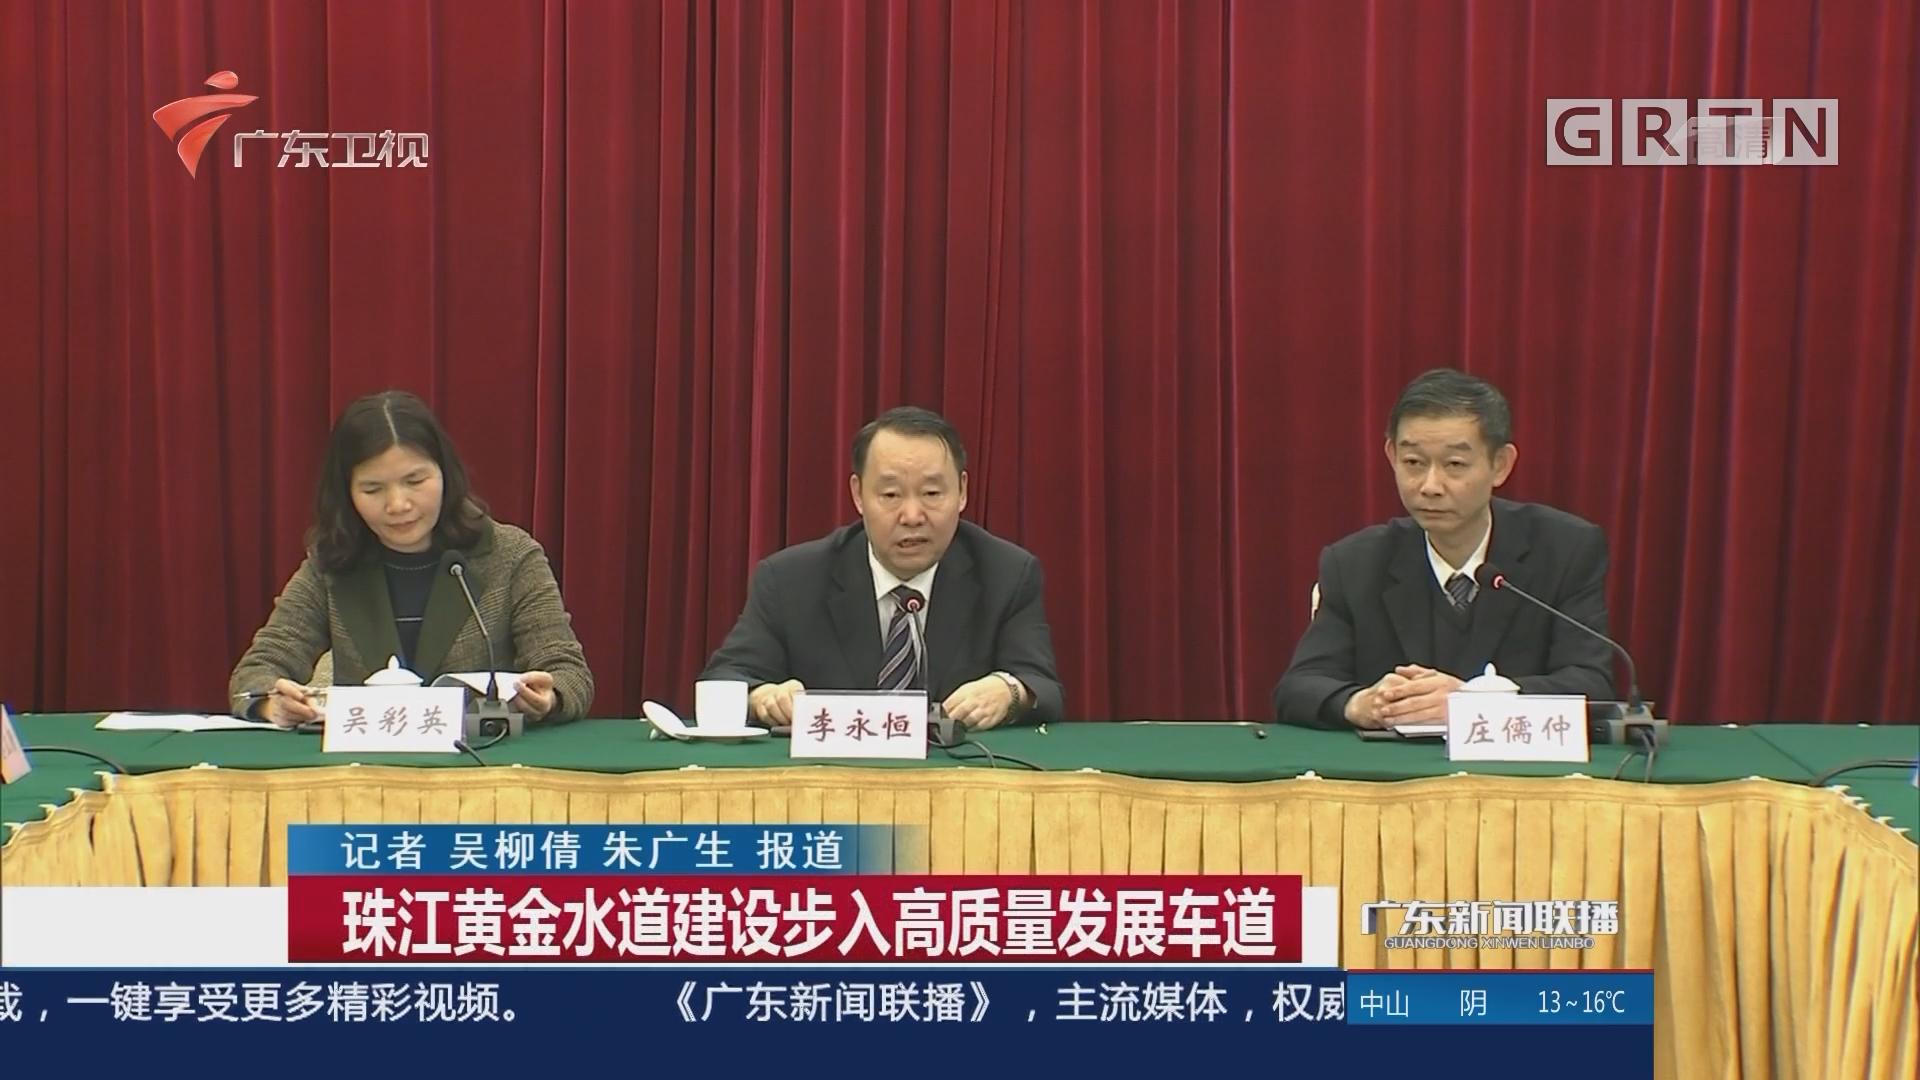 珠江黄金水道建设步入高质量发展车道